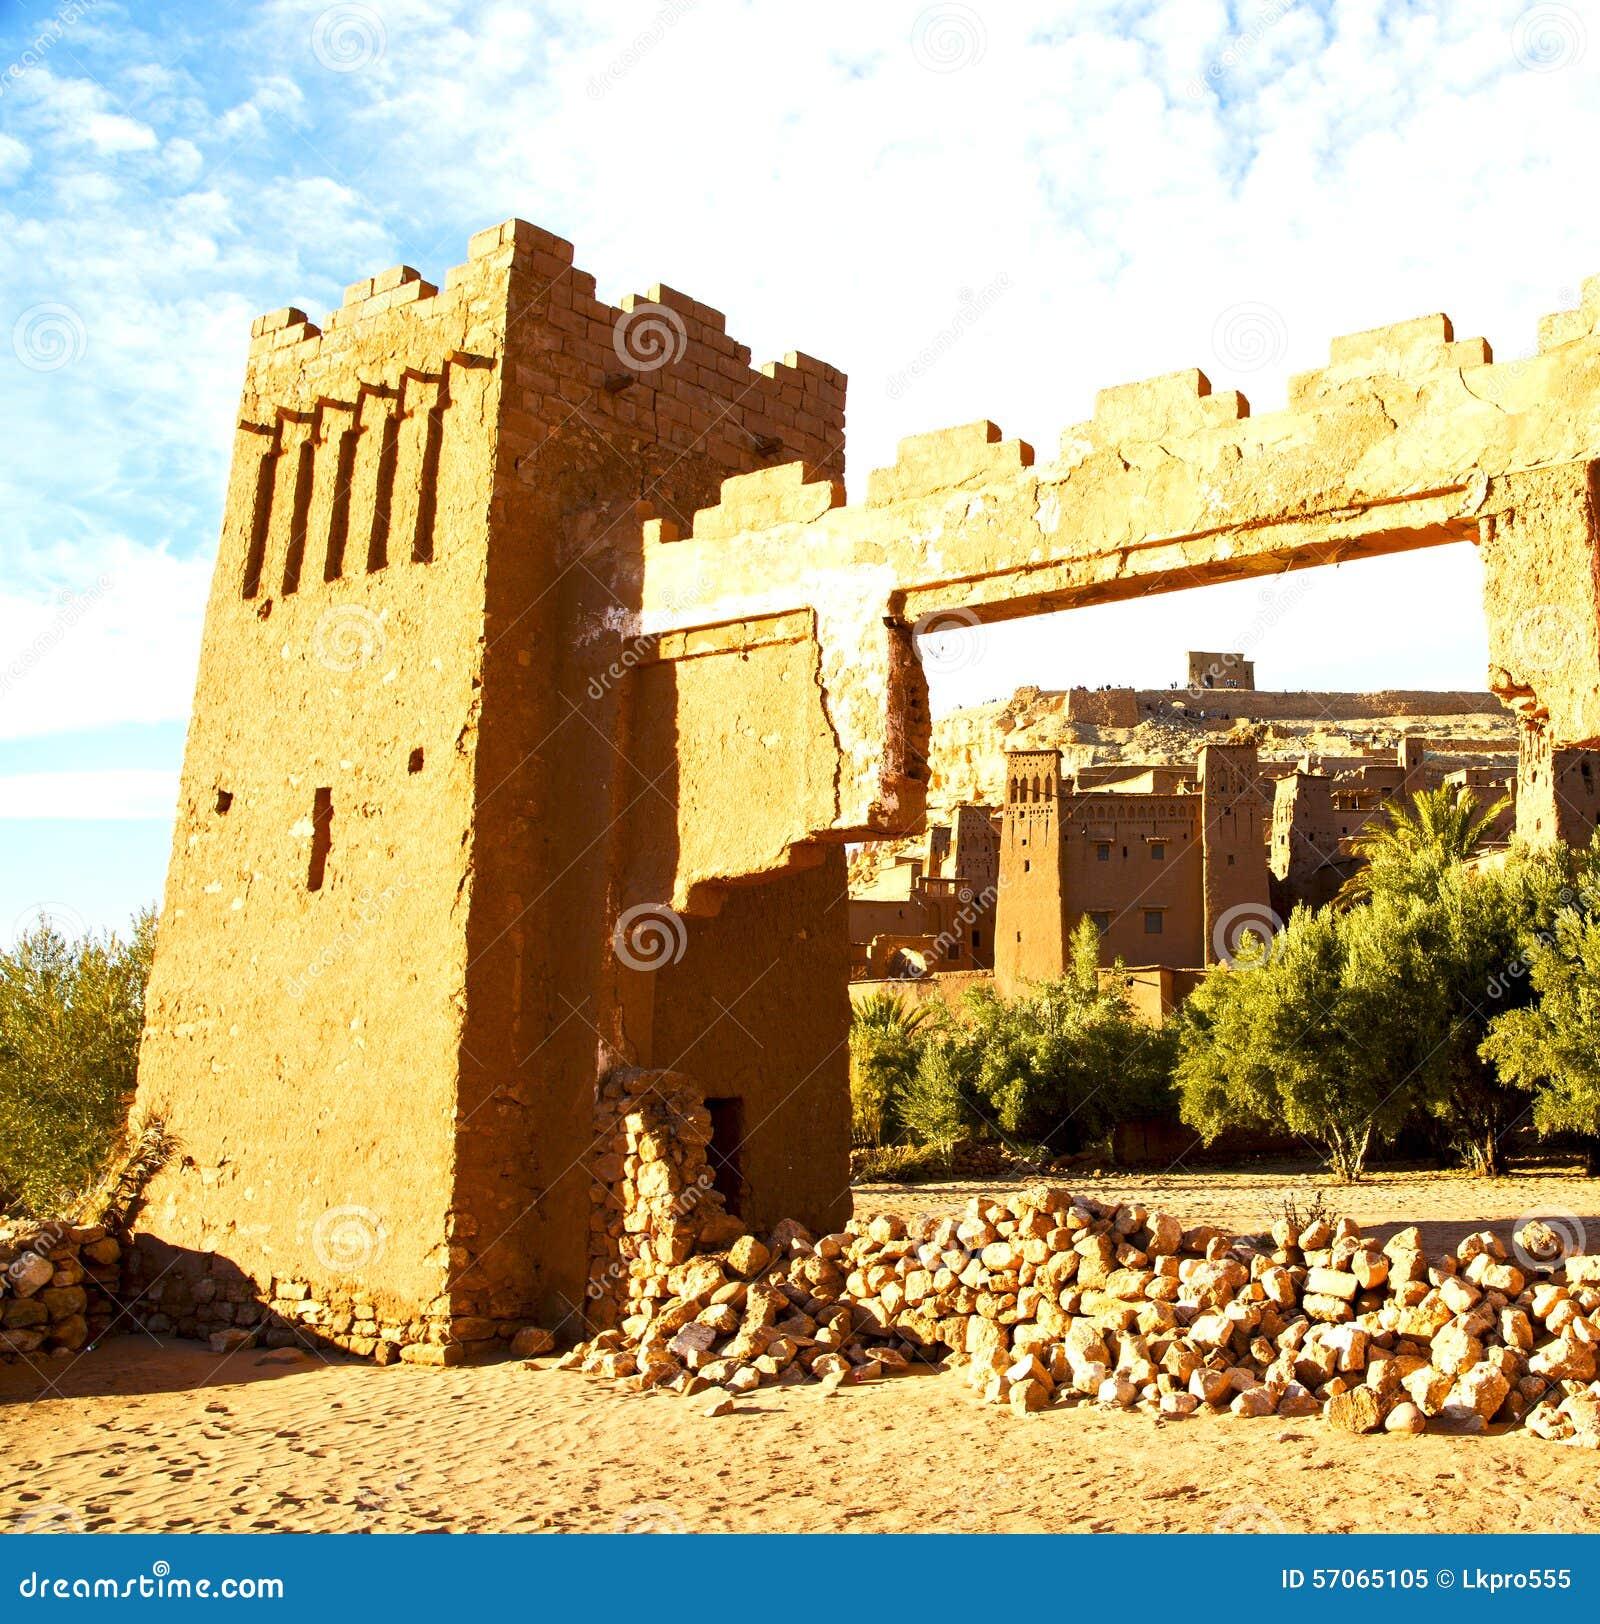 Afrika in Marokko oude contruction en het historische dorp